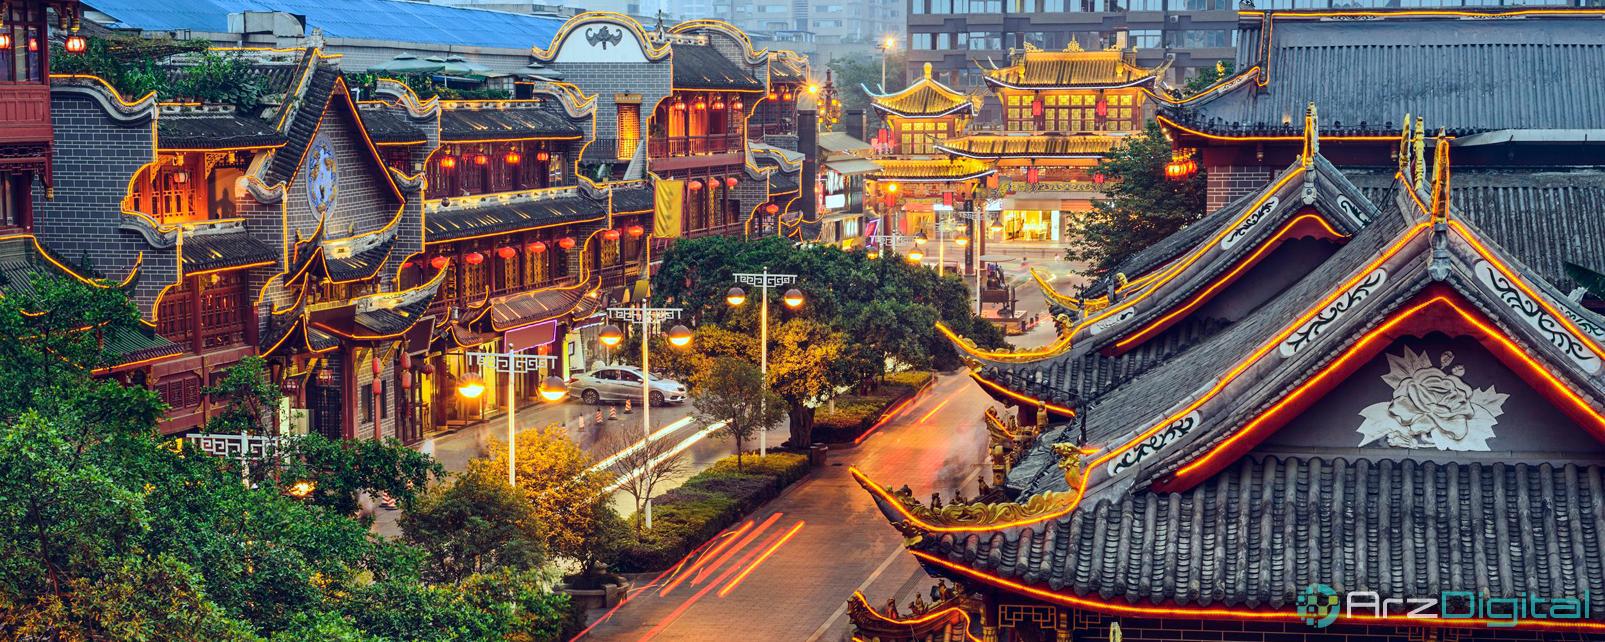 آیا اقدامات سختگیرانه چین در مورد نیروی برق آبی می تواند باعث نابودی استخراج کم هزینه بیت کوین شود؟